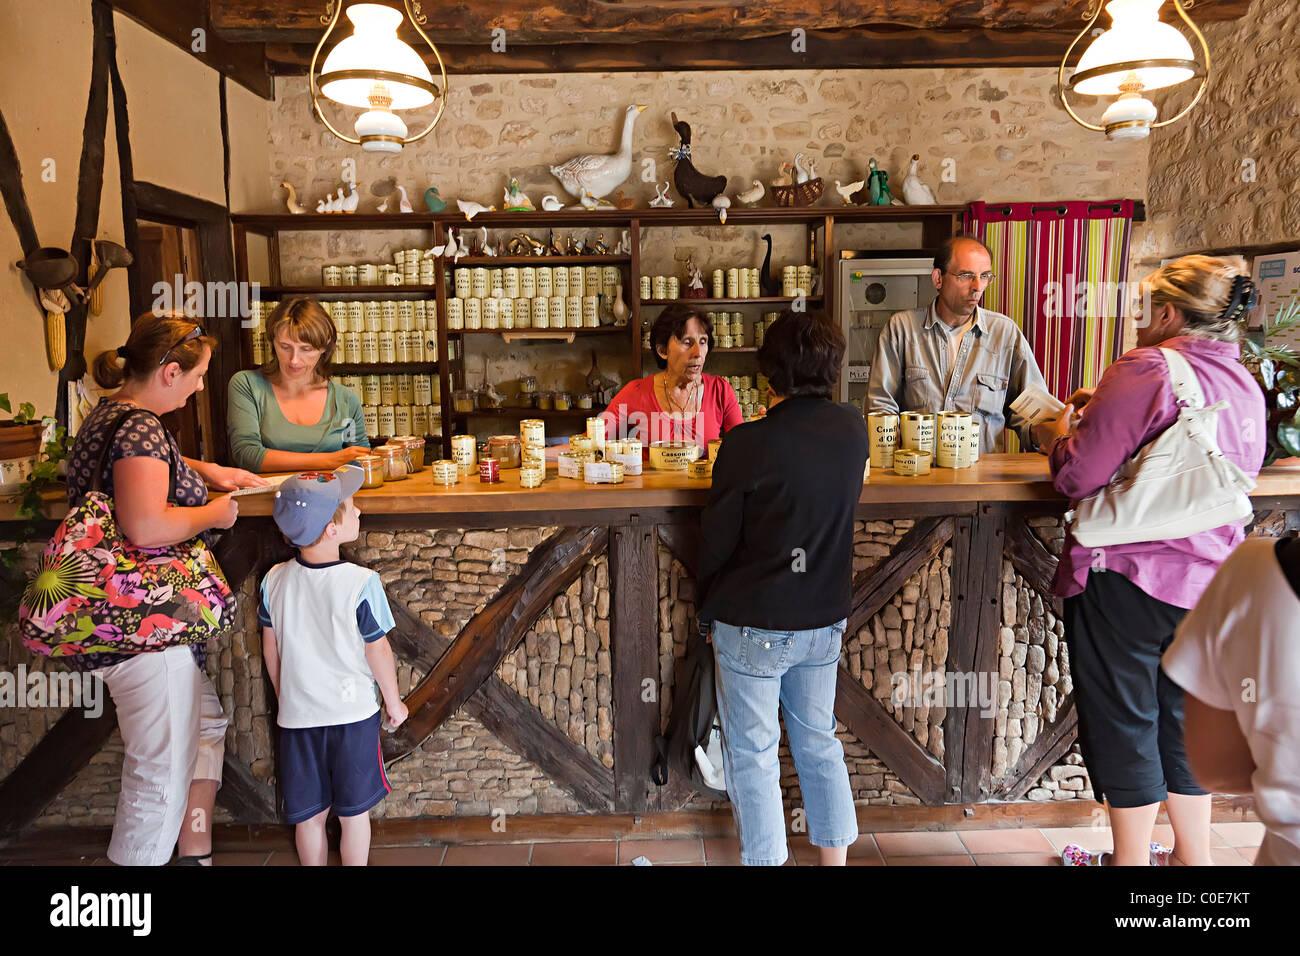 Farm shop selling foie gras Dordogne France - Stock Image